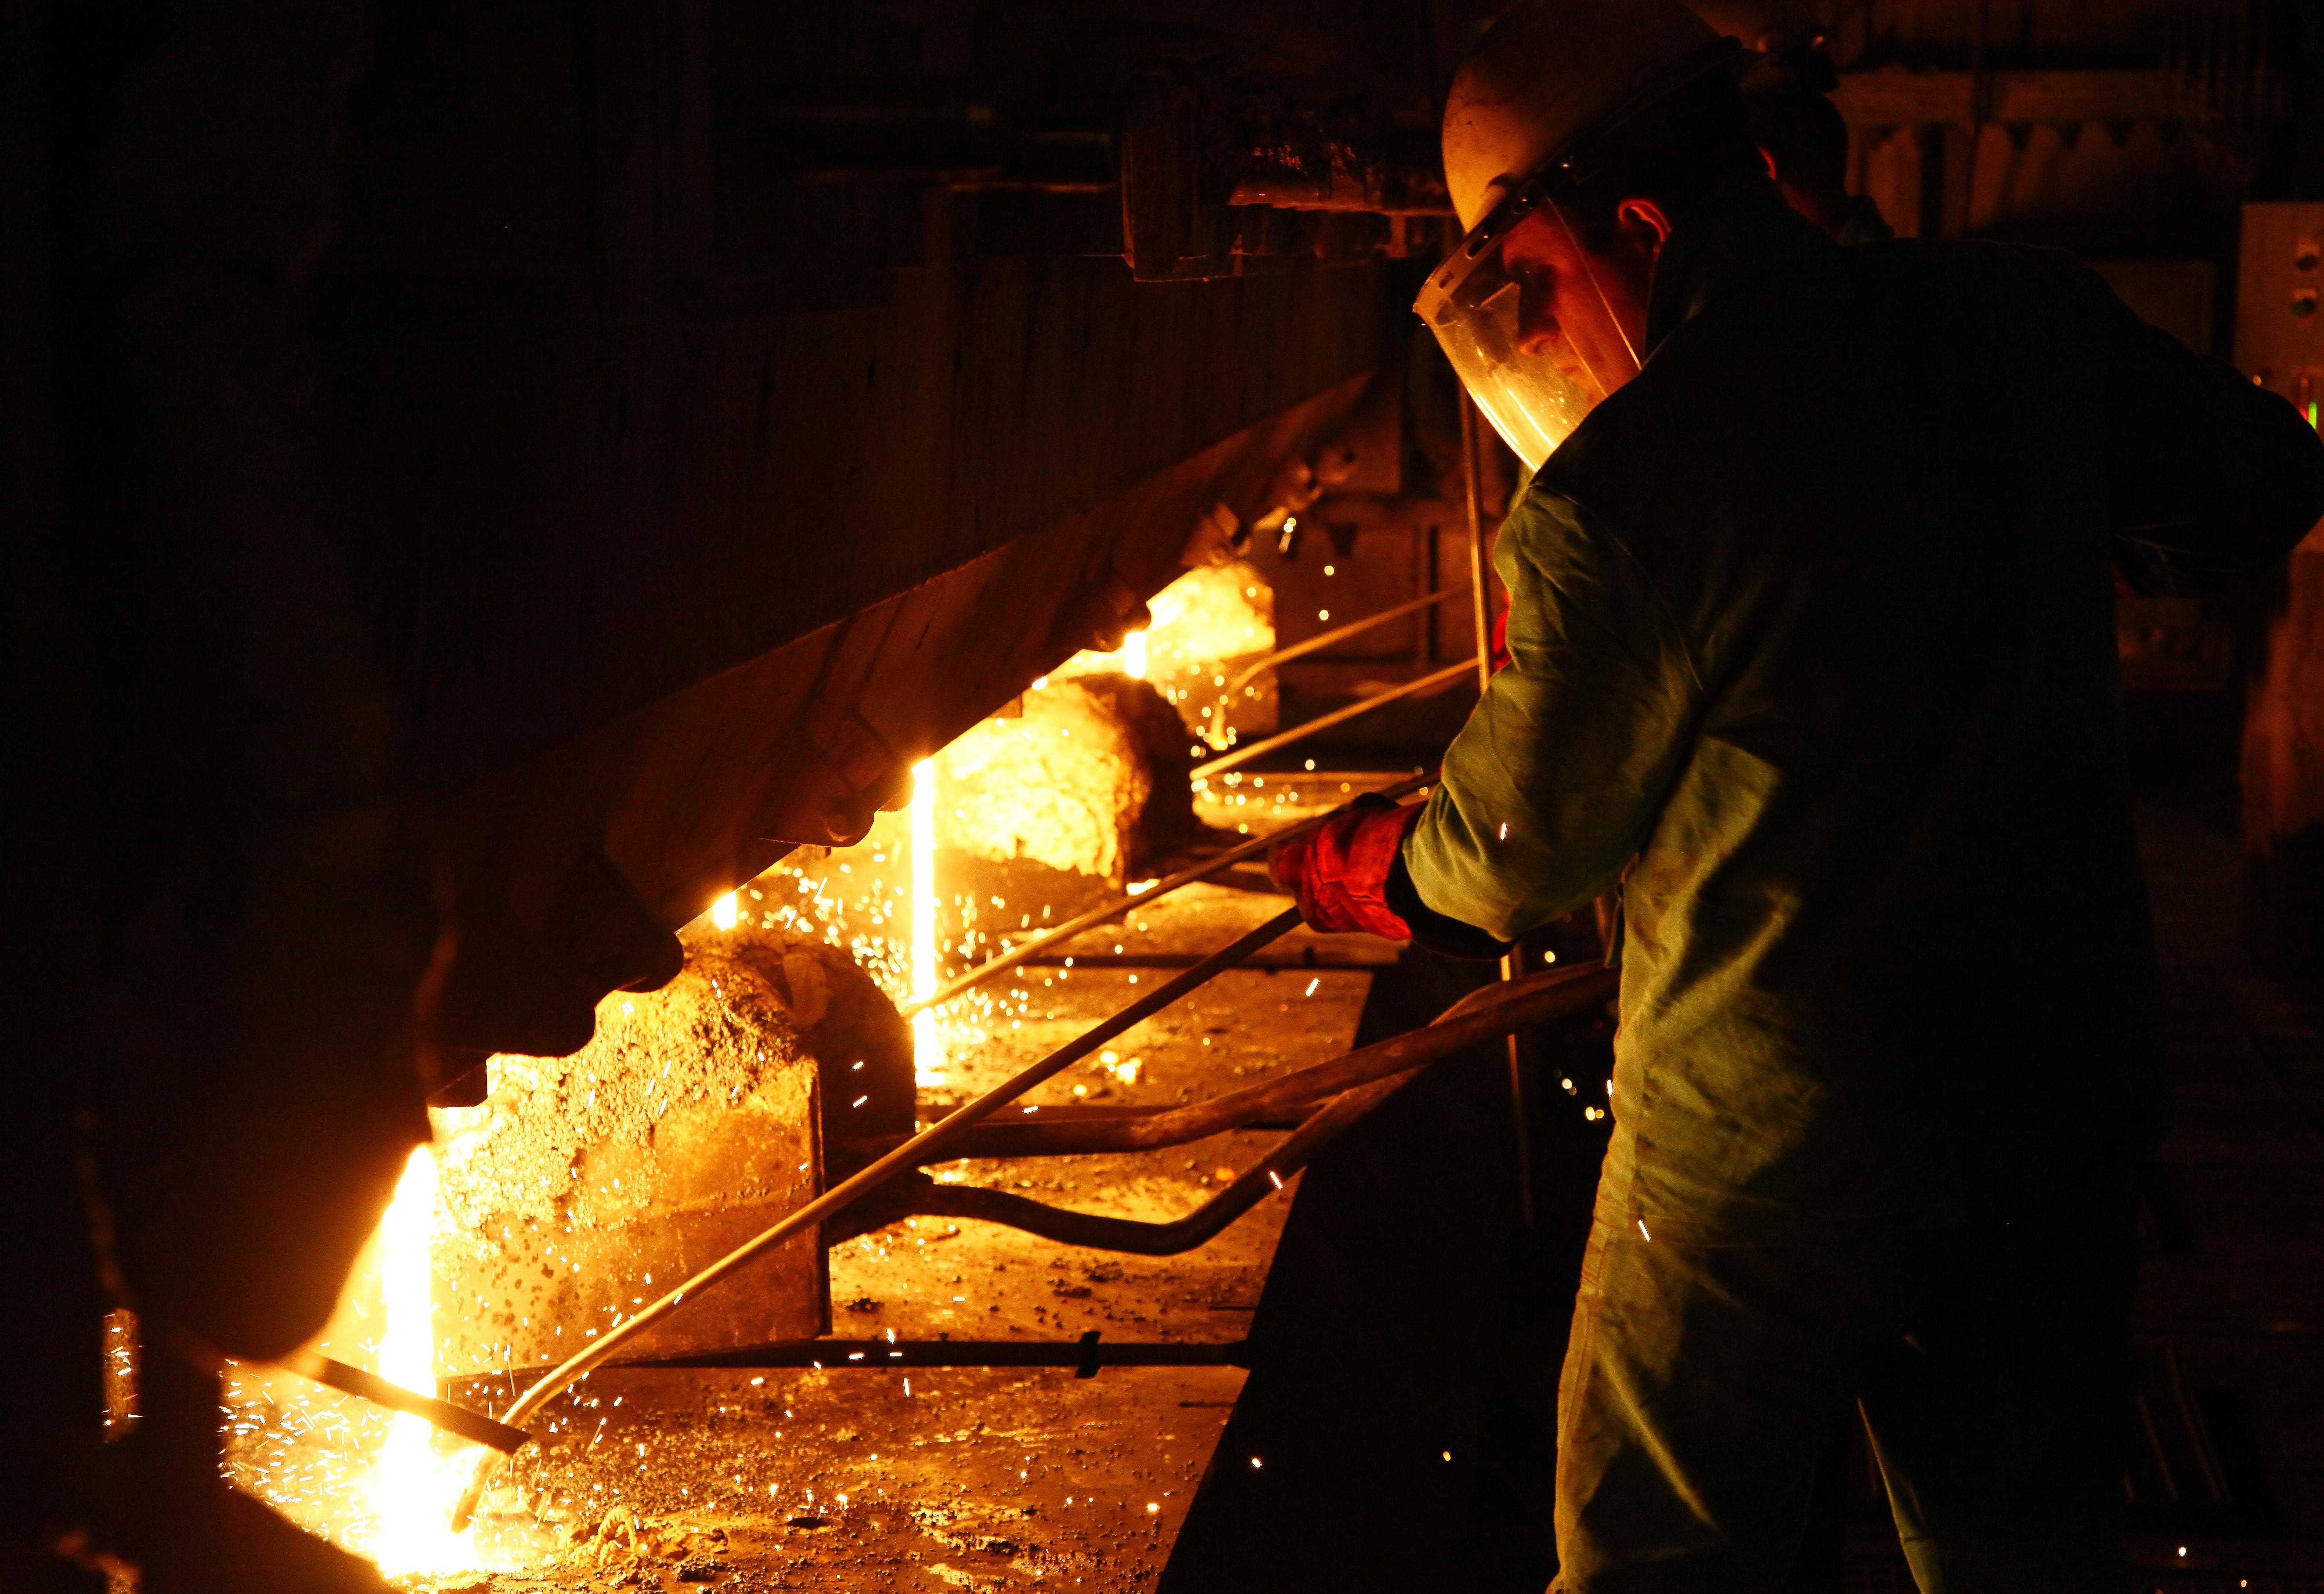 بهره برداری واحد ذوب کارخانه فولاد ارفع